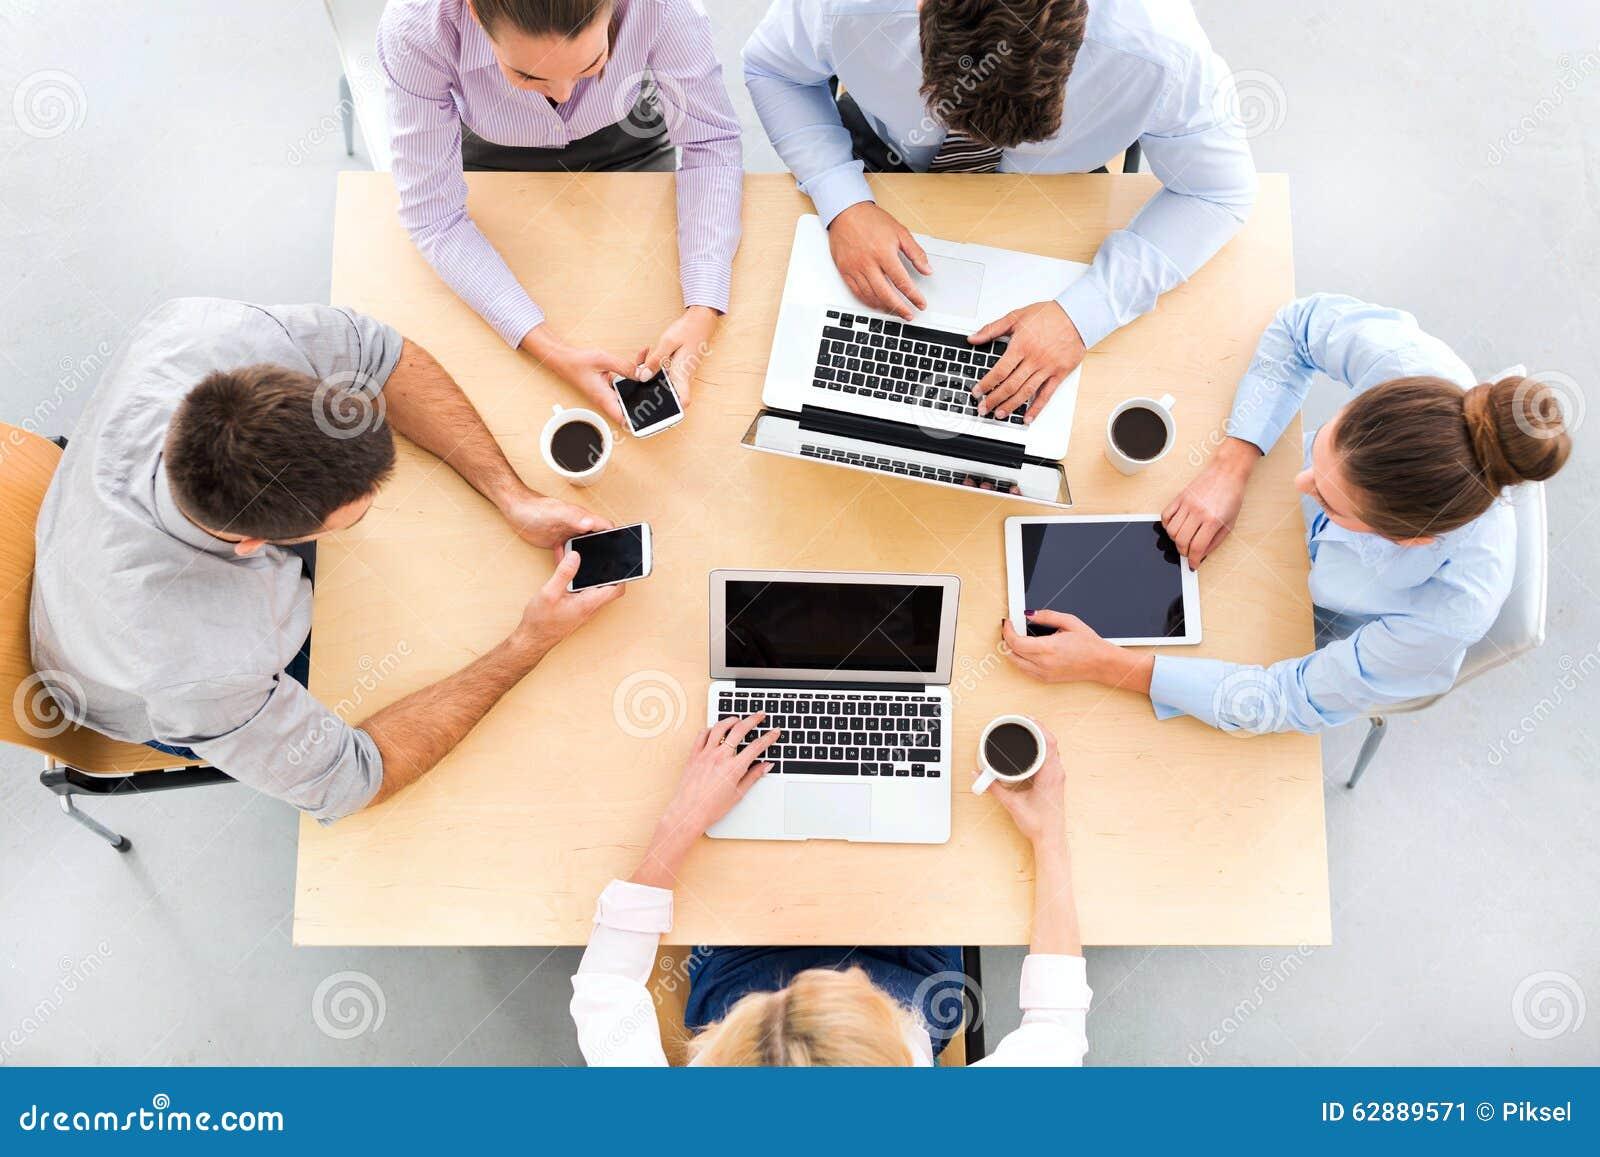 Angolo alto della gente di affari alla tavola